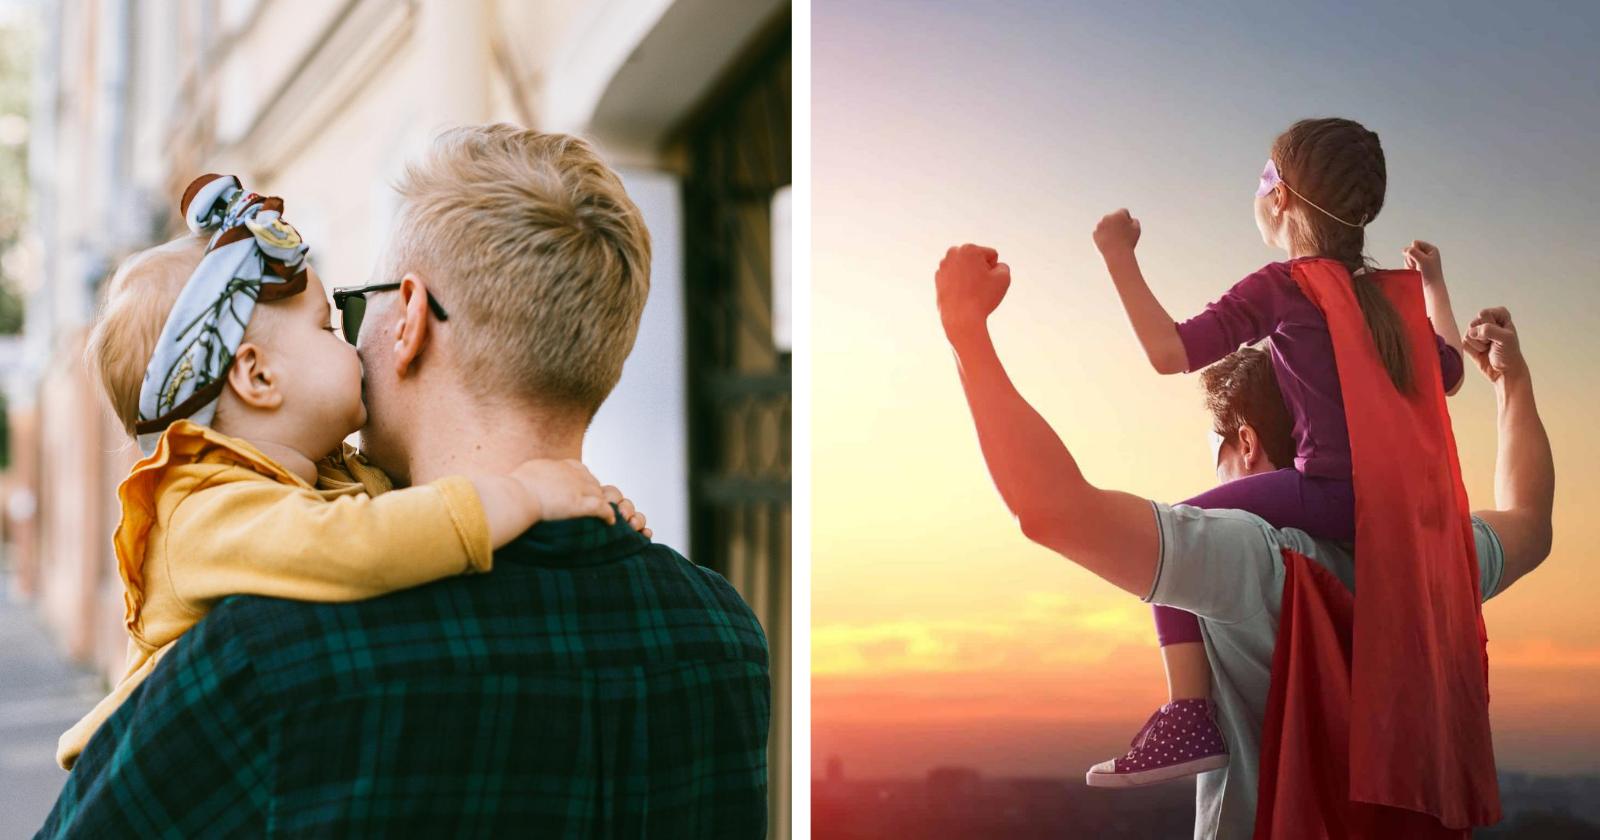 20 mensagens EMOCIONANTES para incrementar o seu Dia dos Pais